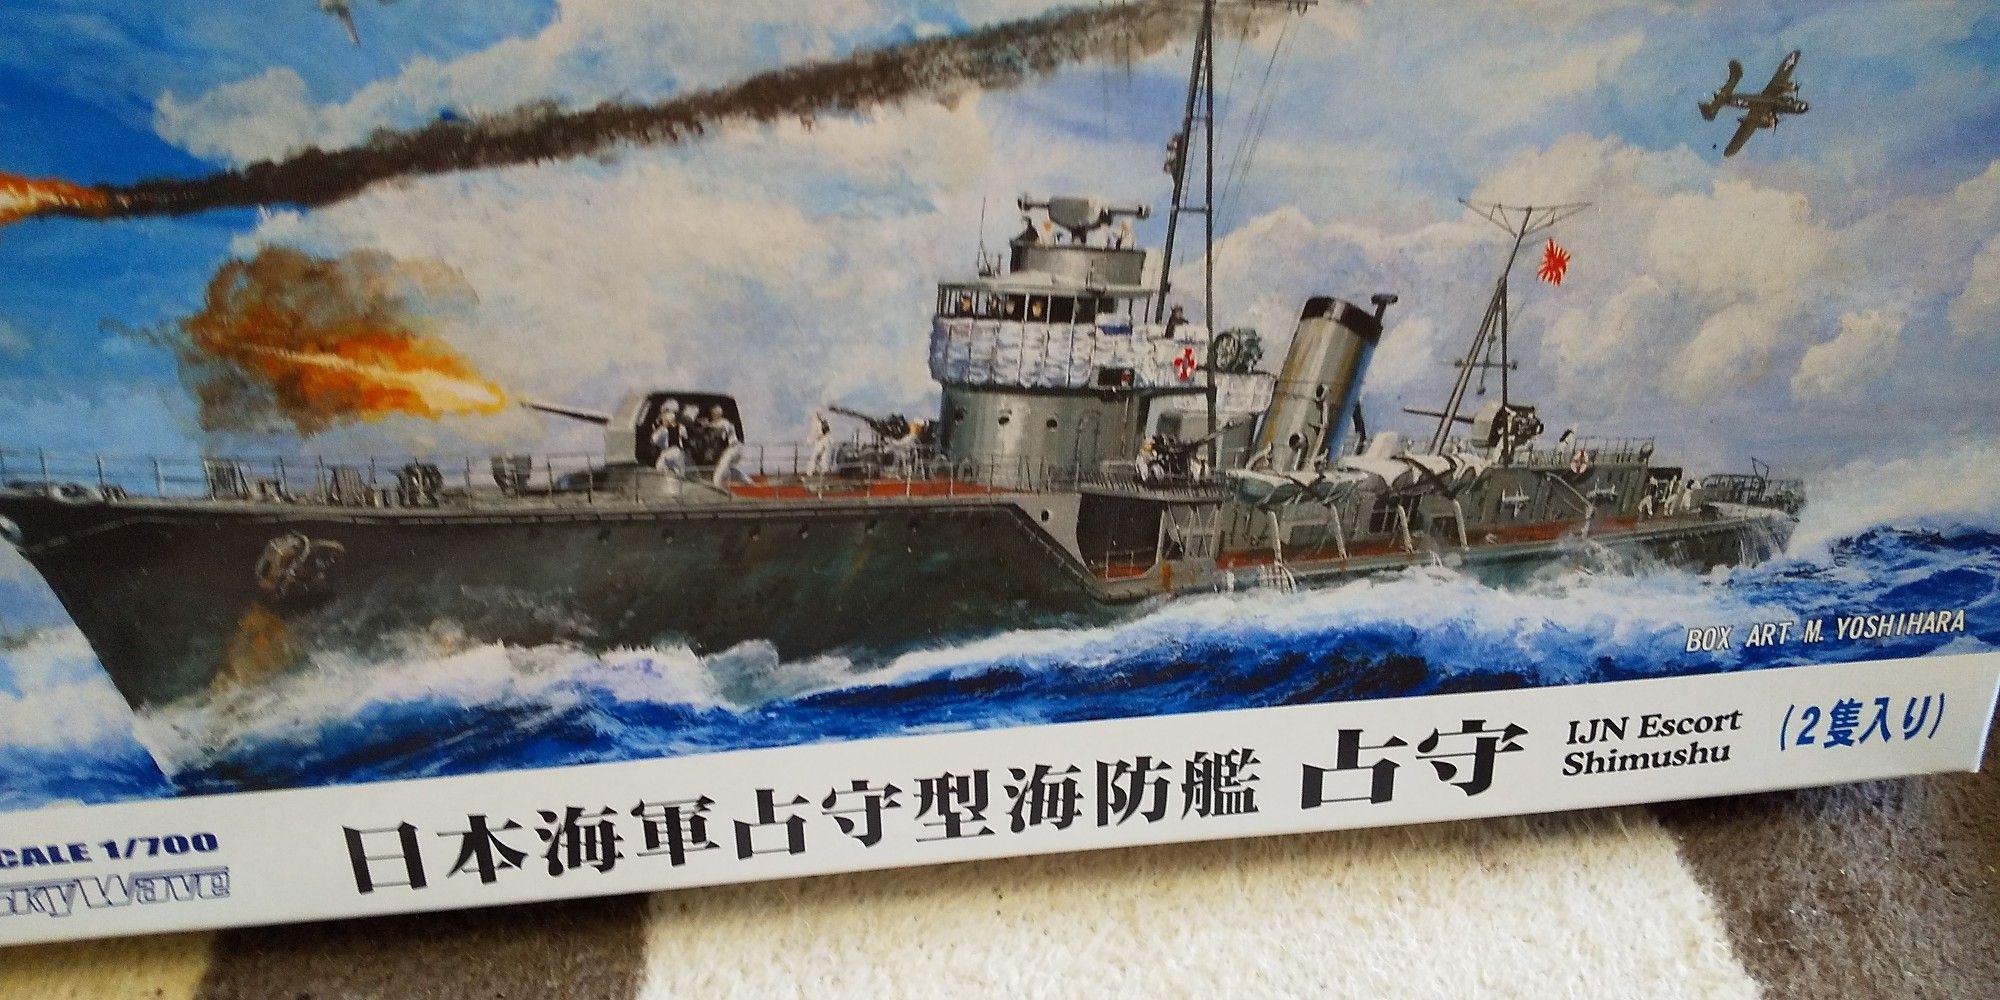 日本の海防艦 ] | 私の艦艇模型コレクション - 楽天ブログ